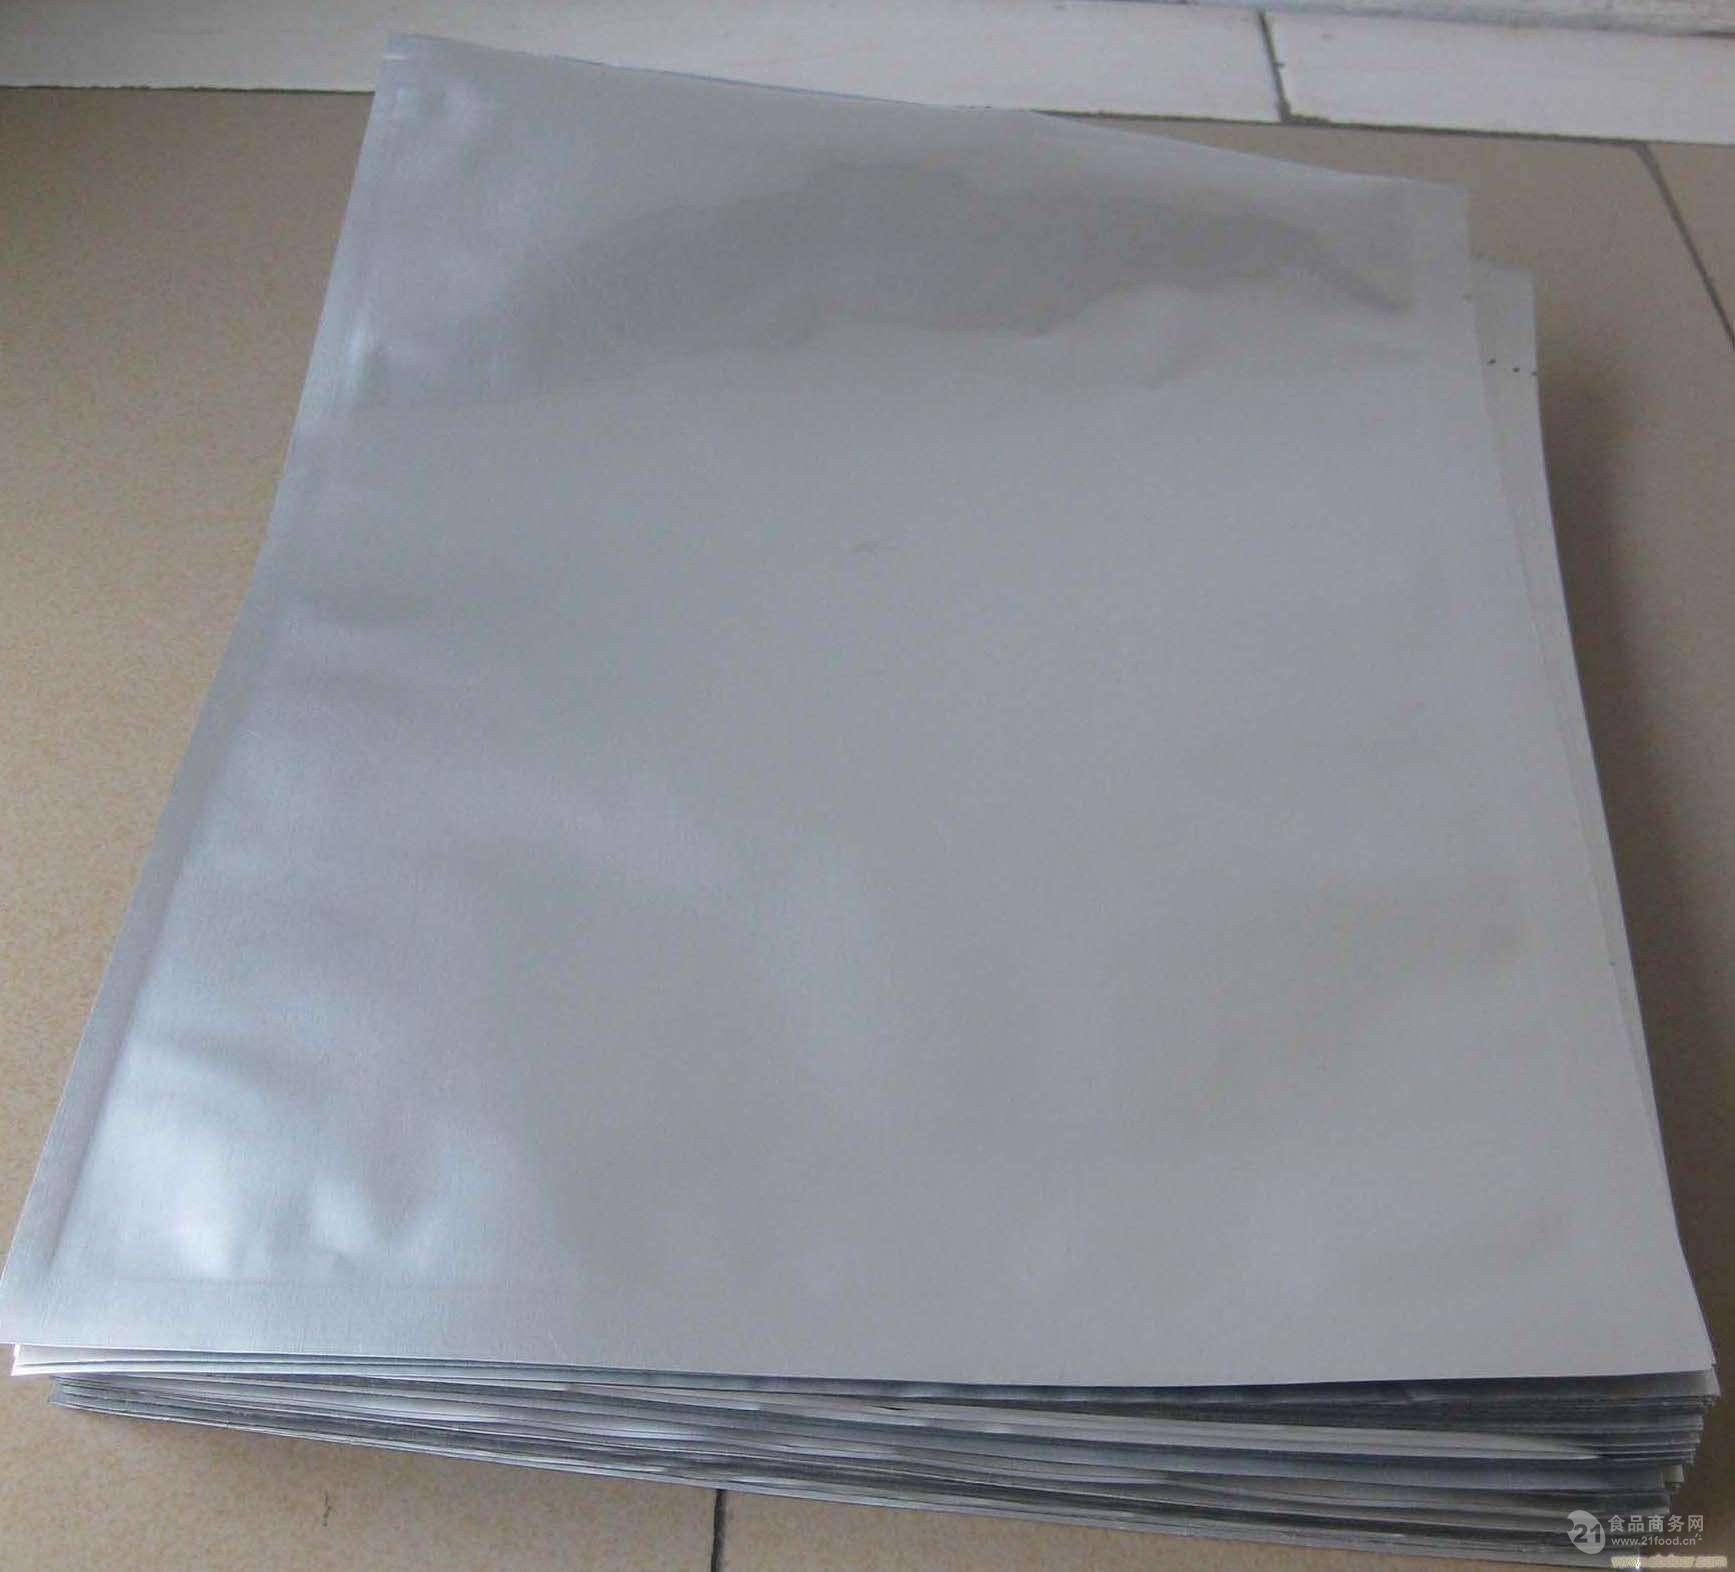 供应重庆防静电自封口PE袋是印刷电路板的 包装材料